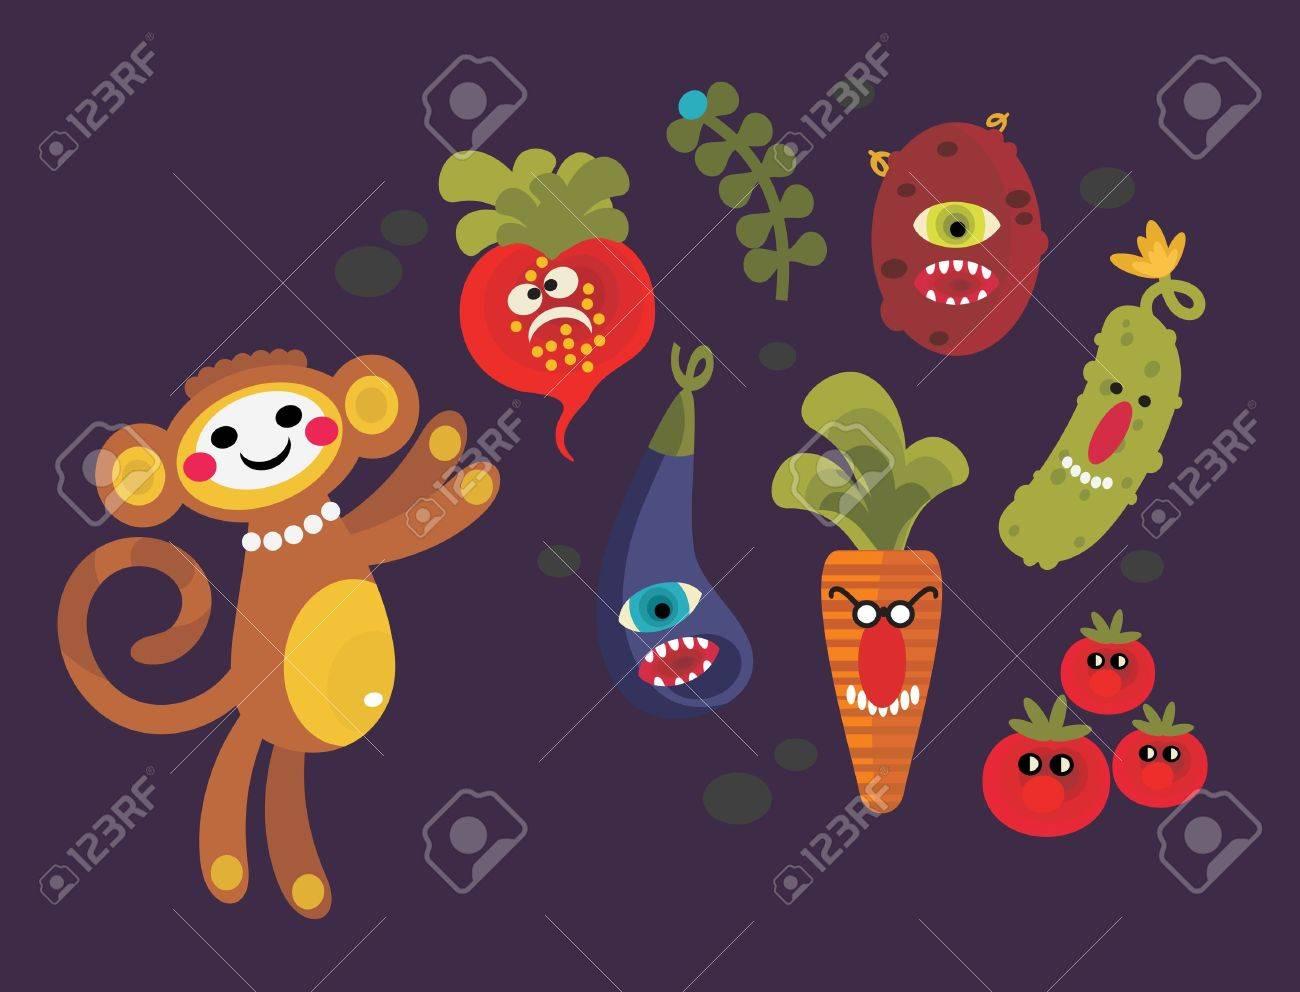 Cute Vegetable Background Set of Cute Vegetables